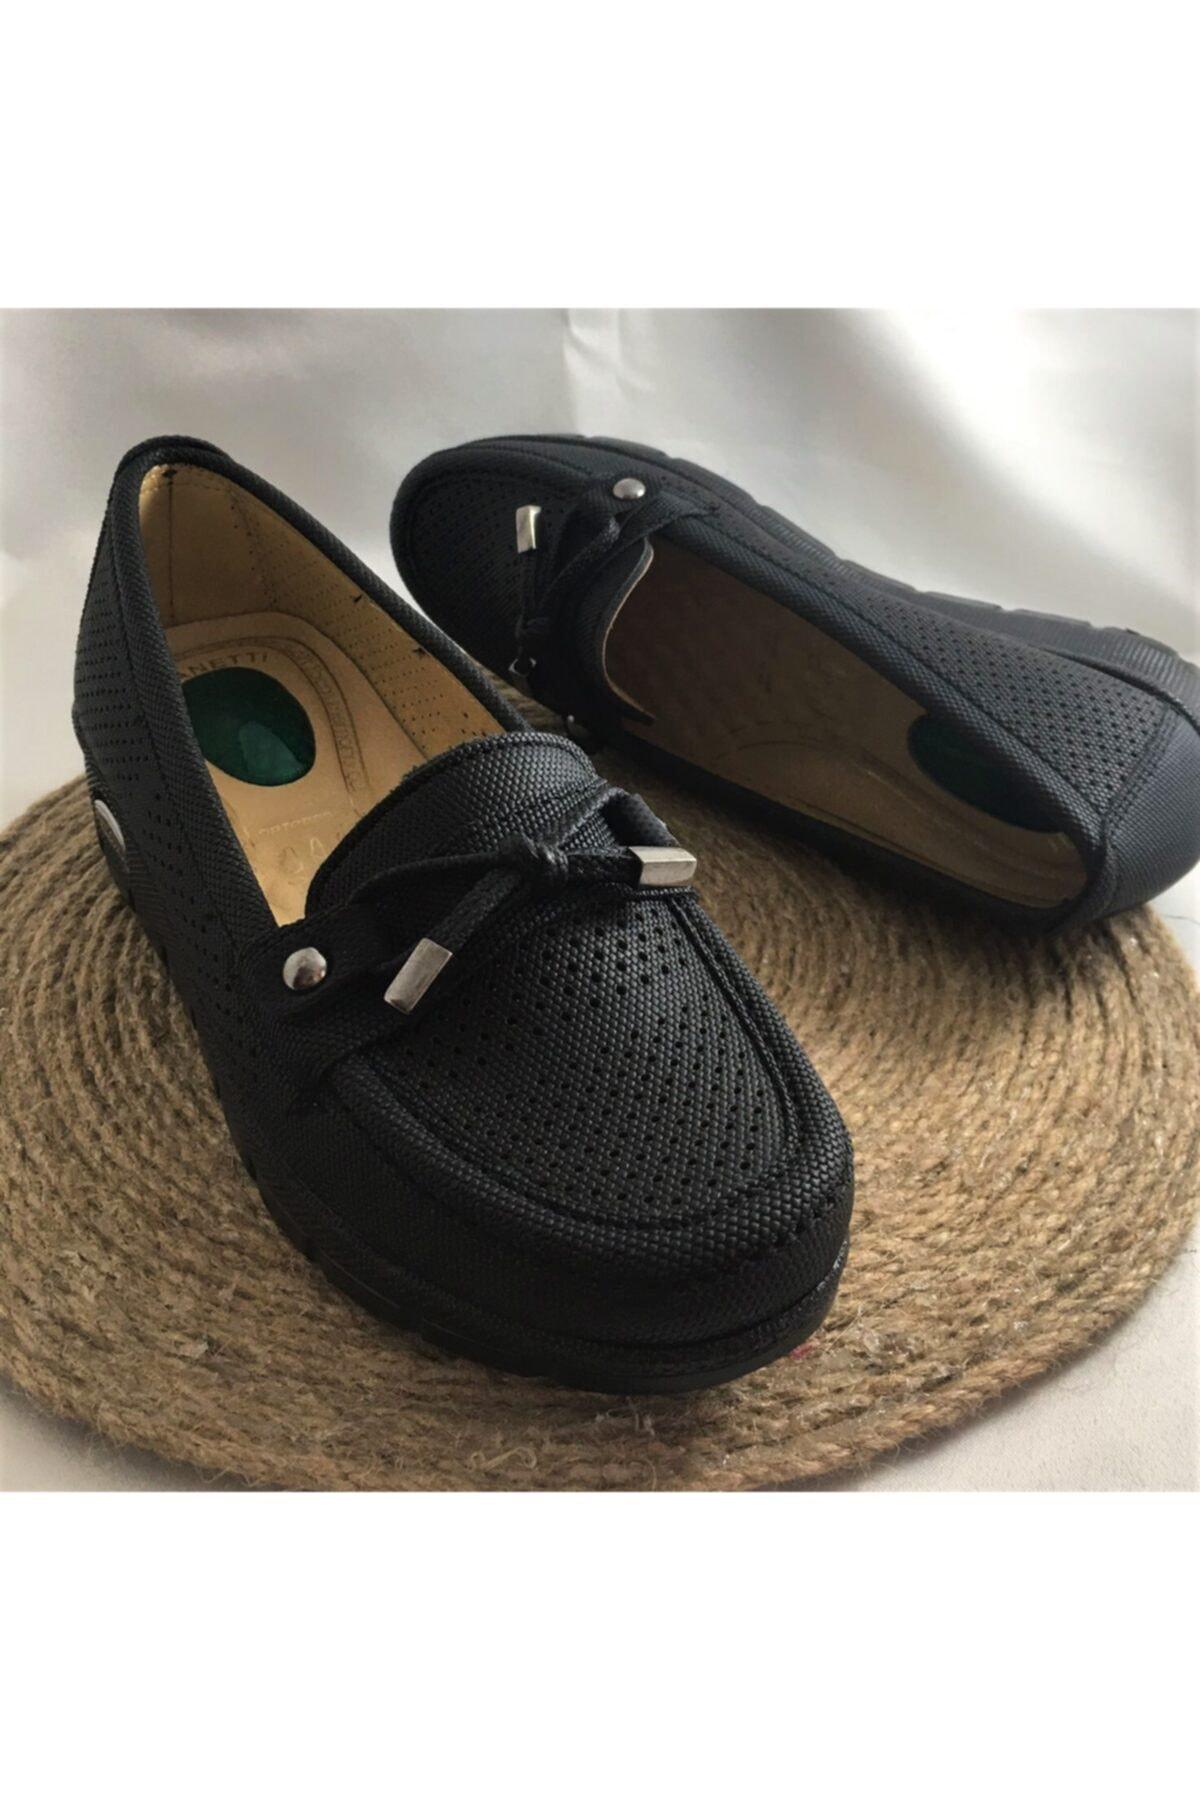 Yumuşak Deri Topuk Dikeni Önleyici Jel Sisteml Dolgu Taban I Ortopedik Anne Ayakkabısı